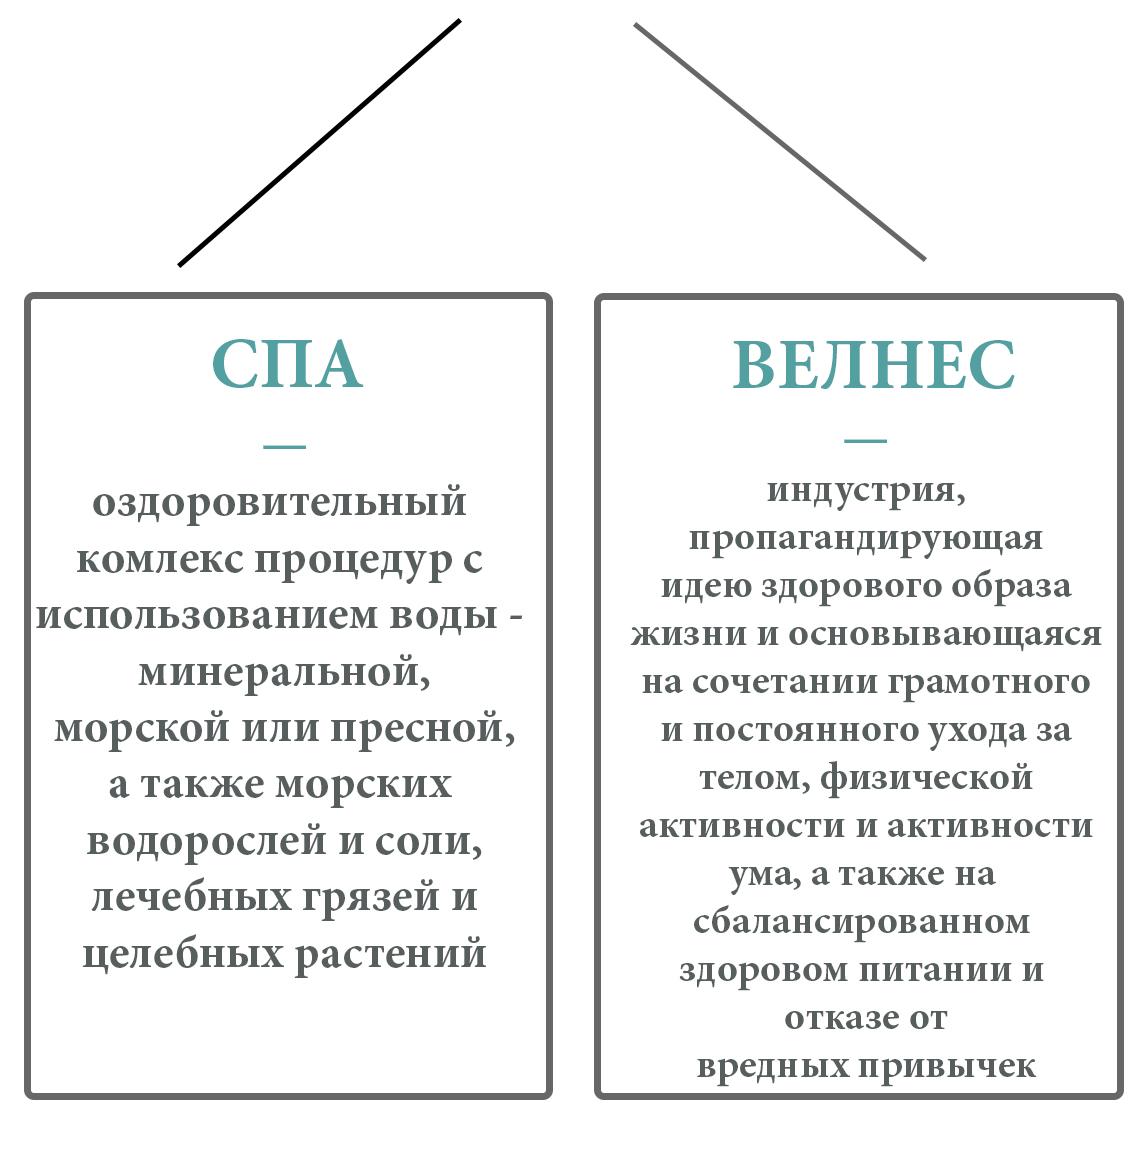 Россия улучшила позиции в мире по развитию спа и велнеса